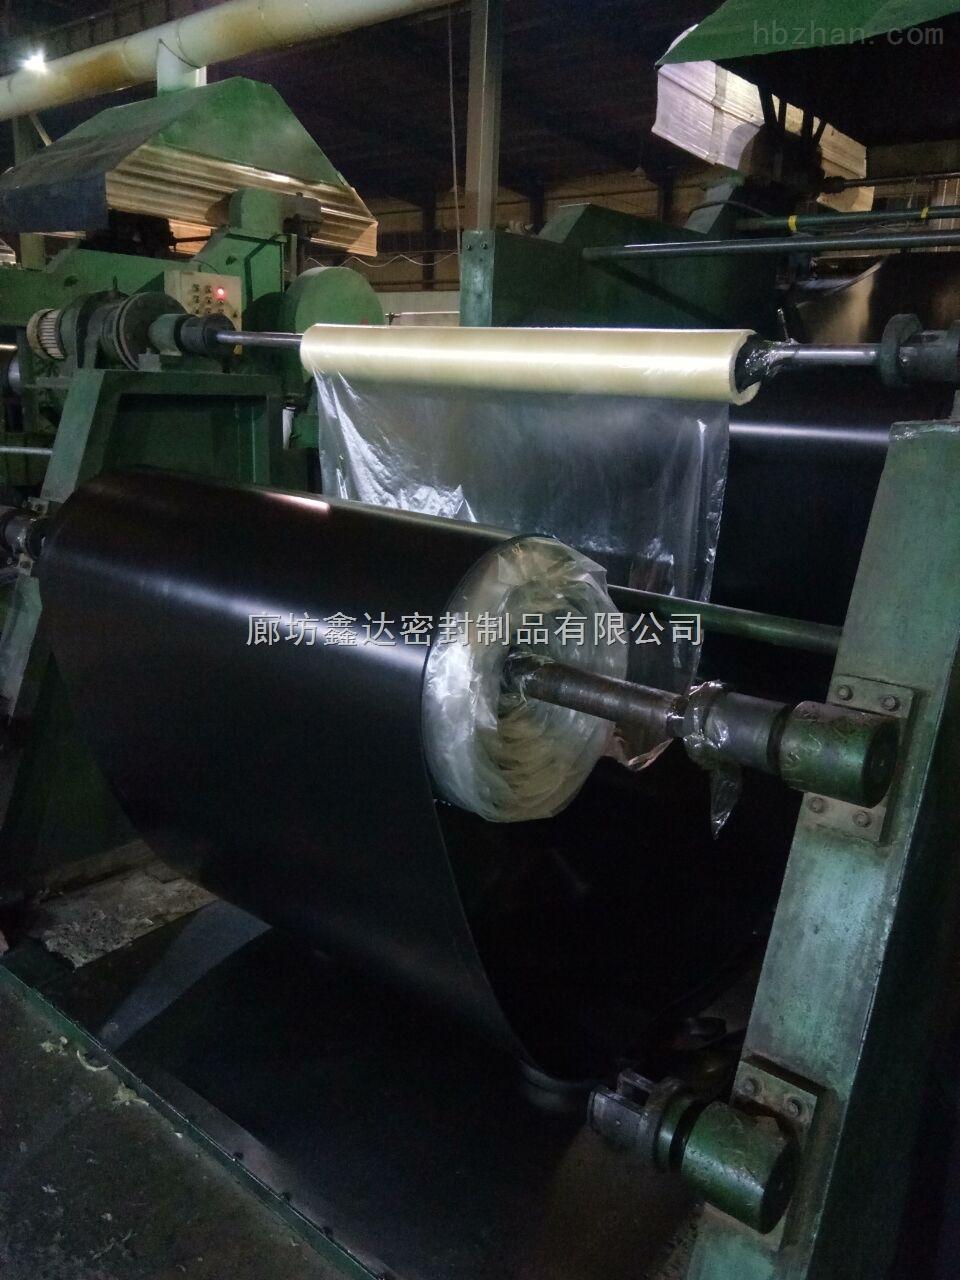 30kv高压绝缘胶垫厂家现货价格